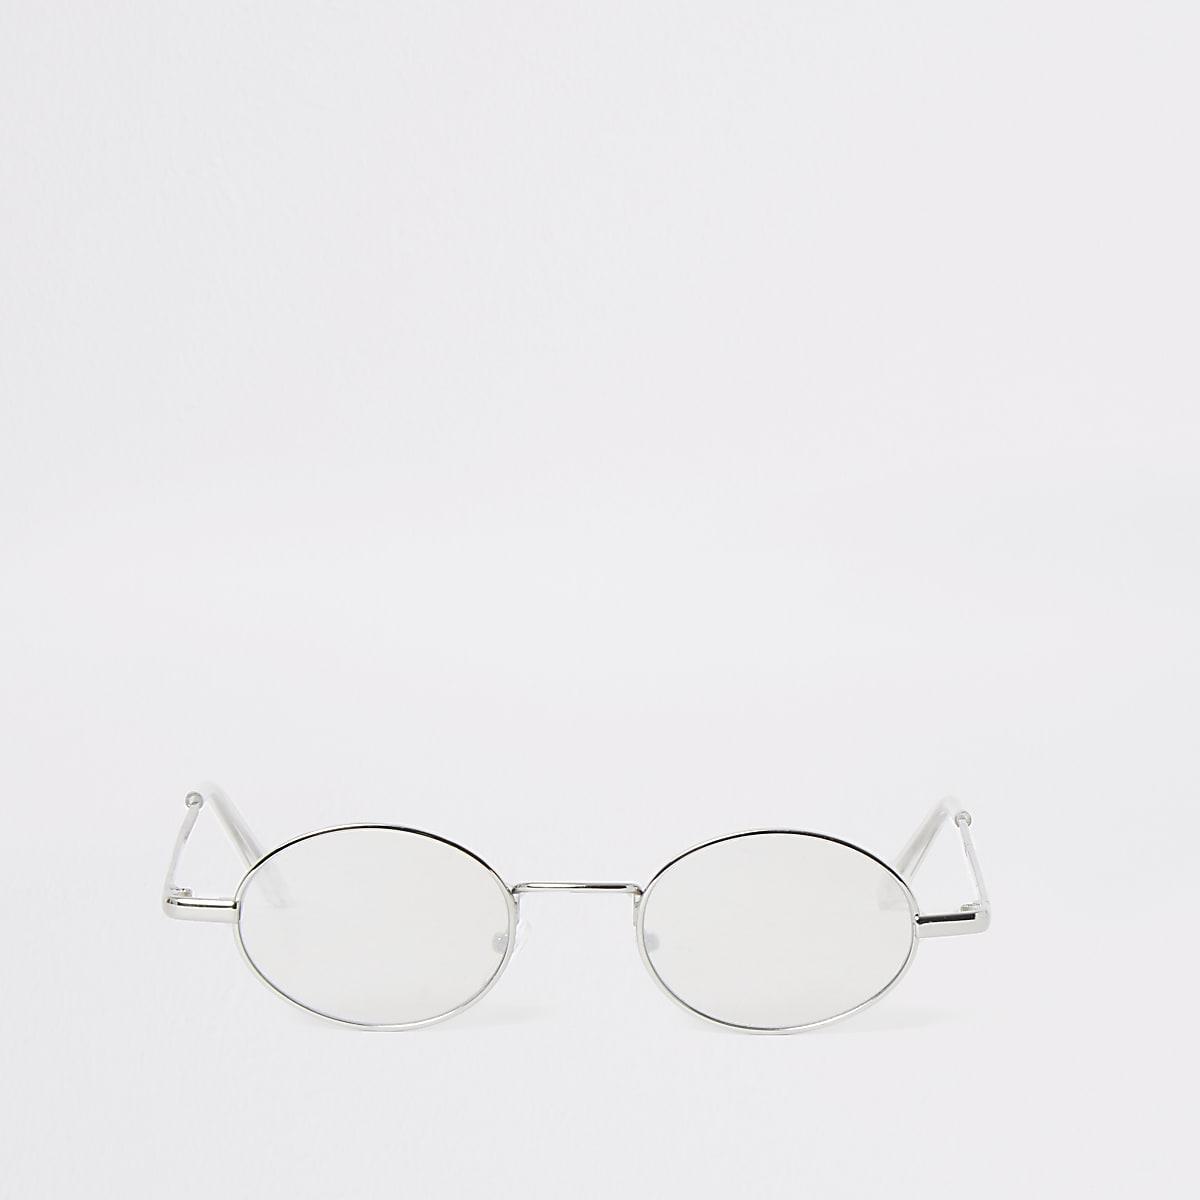 Lunettes de soleil rétro ovales grises à verres effet miroir